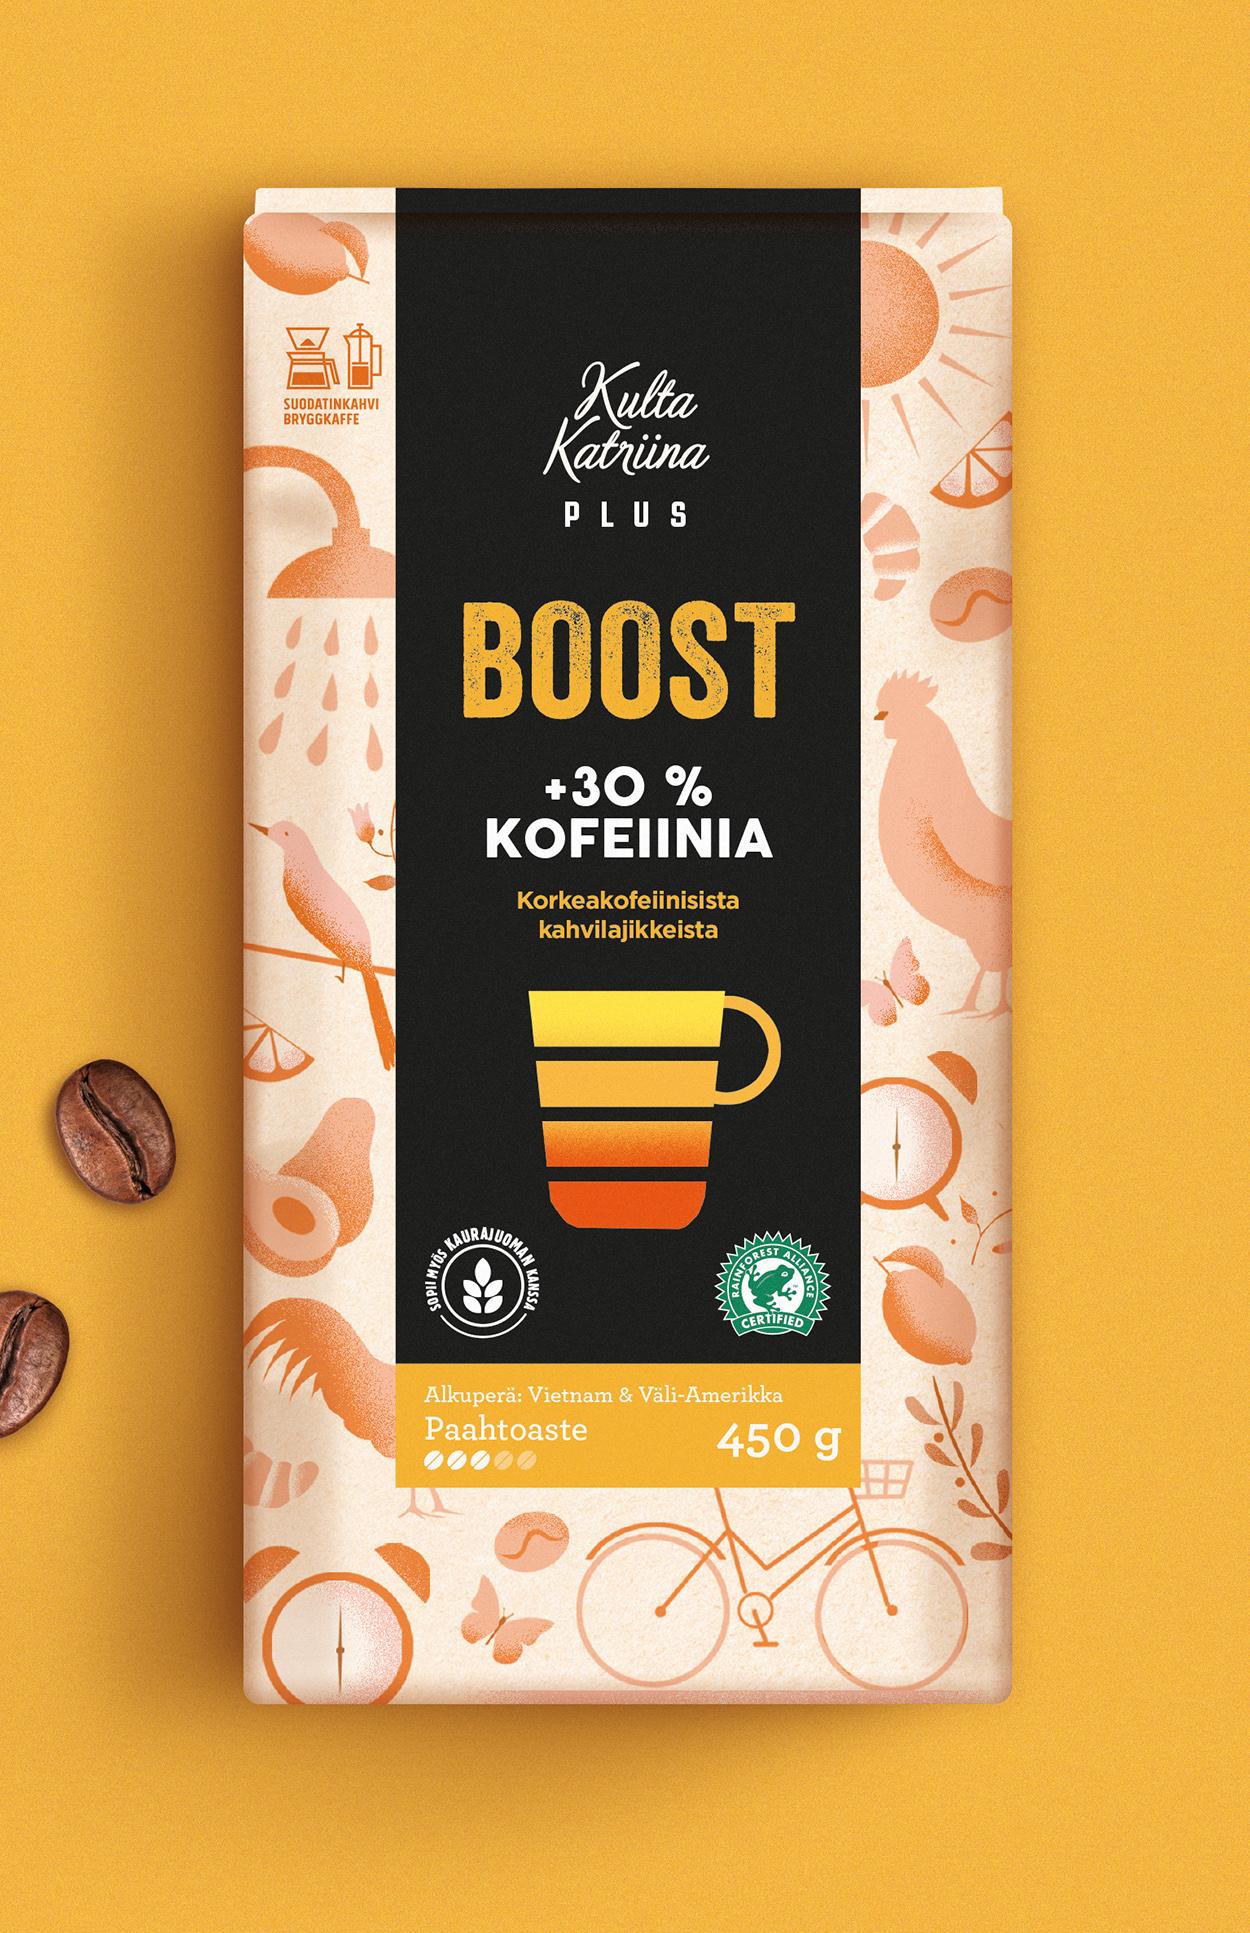 2种包装,不同功能!Kulta Katriina咖啡包装